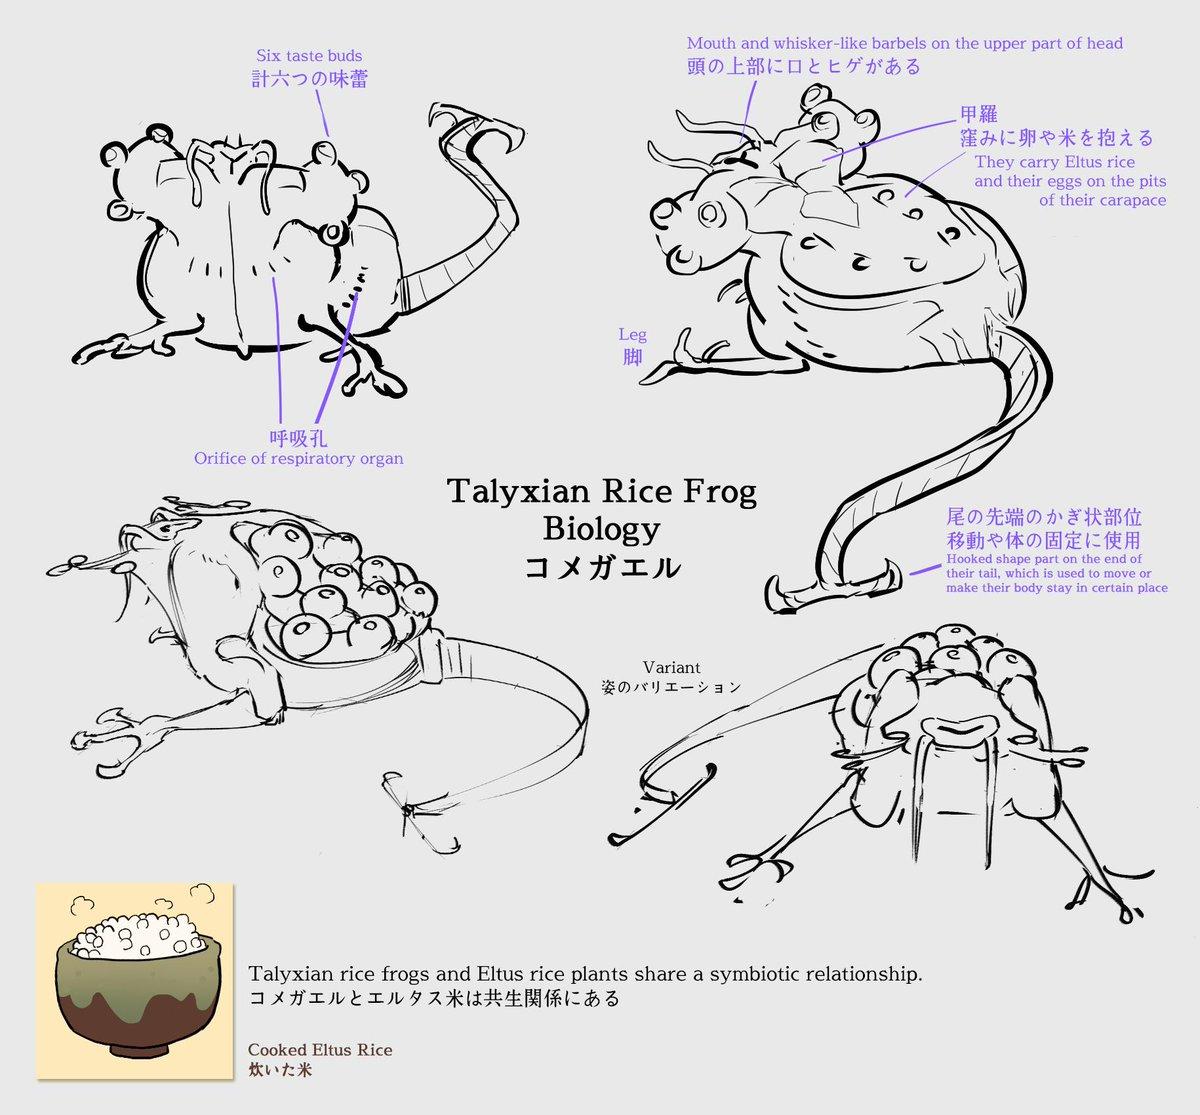 📖Wiki and Lore Update! We've got two fresh articles!  Eltus Rice: http://vilous.net/wiki/Eltus_Rice Talyxian Rice Frogs: http://vilous.net/wiki/Talyxian-Frogs…  ビロウスWiki新記事:エルタス米とコメガエル  エルタス米 http://vilous.net/wiki/%E3%82%A8%E3%83%AB%E3%82%BF%E3%82%B9%E7%B1%B3…  コメガエル http://vilous.net/wiki/%E3%82%B3%E3%83%A1%E3%82%AC%E3%82%A8%E3%83%AB…  #Vilous #Talyxian #Eltus